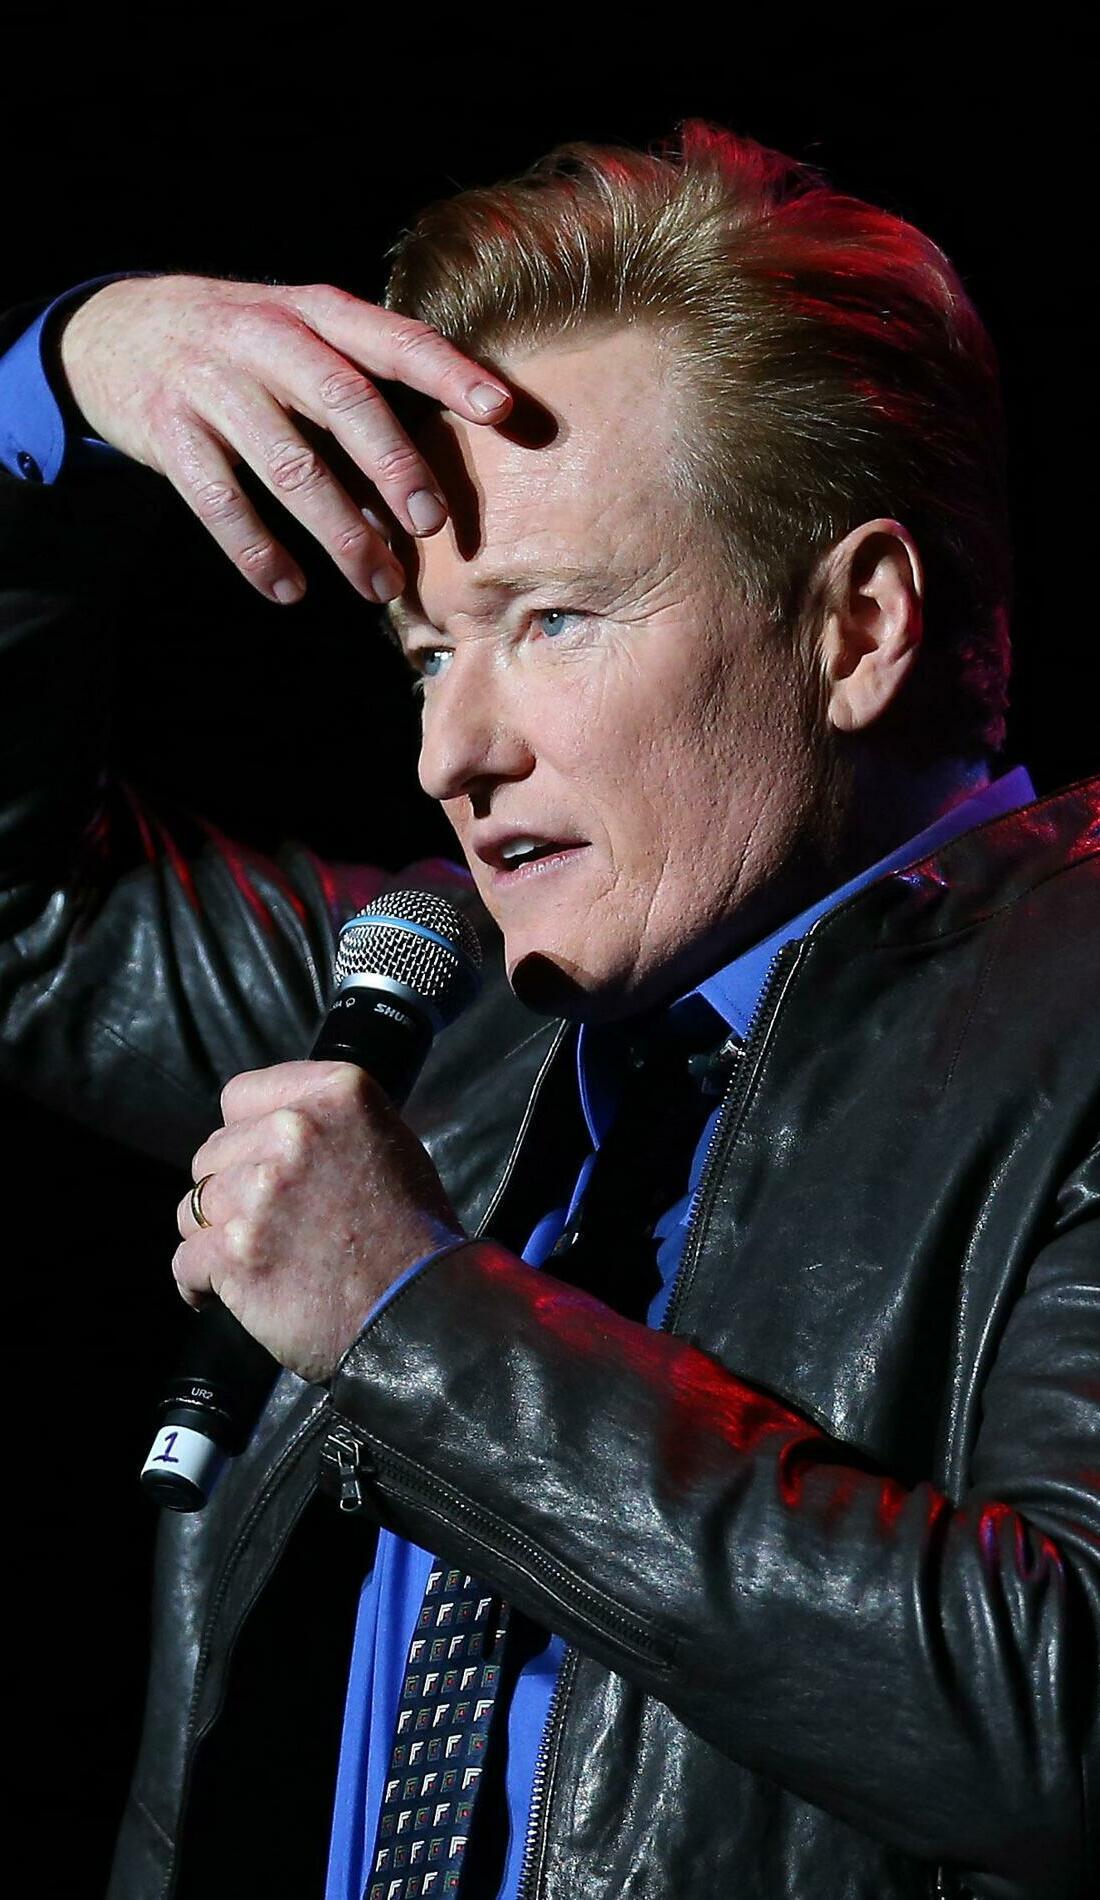 A Conan O'Brien live event